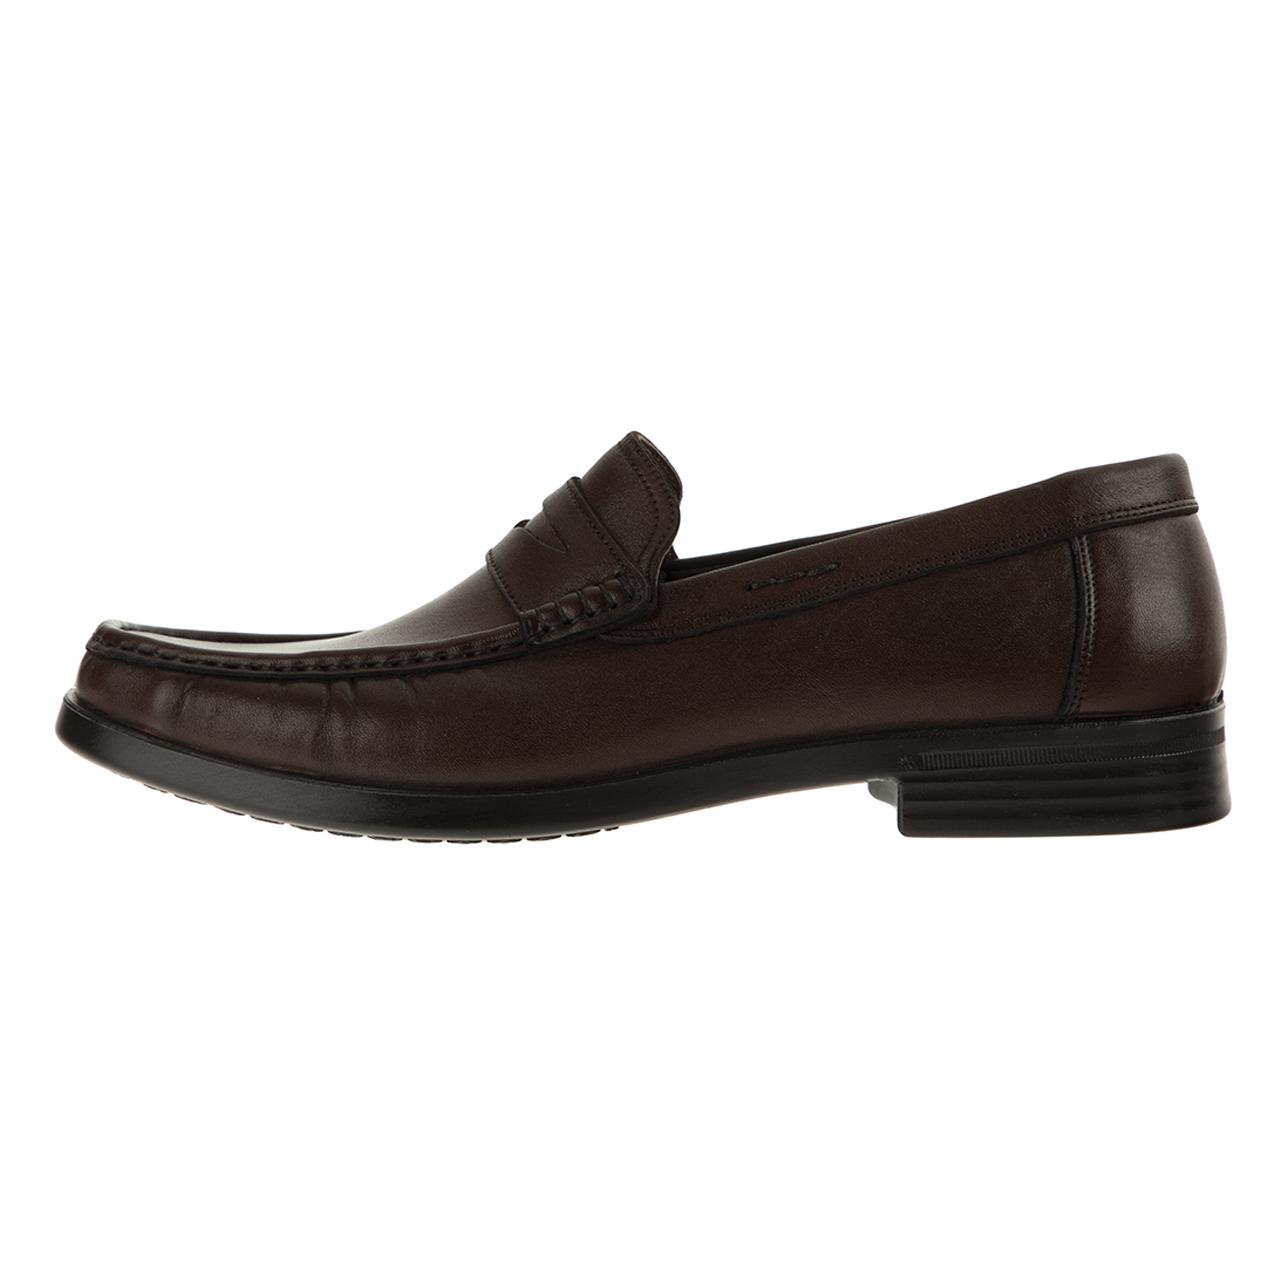 کفش مردانه شوپا مدل 2012